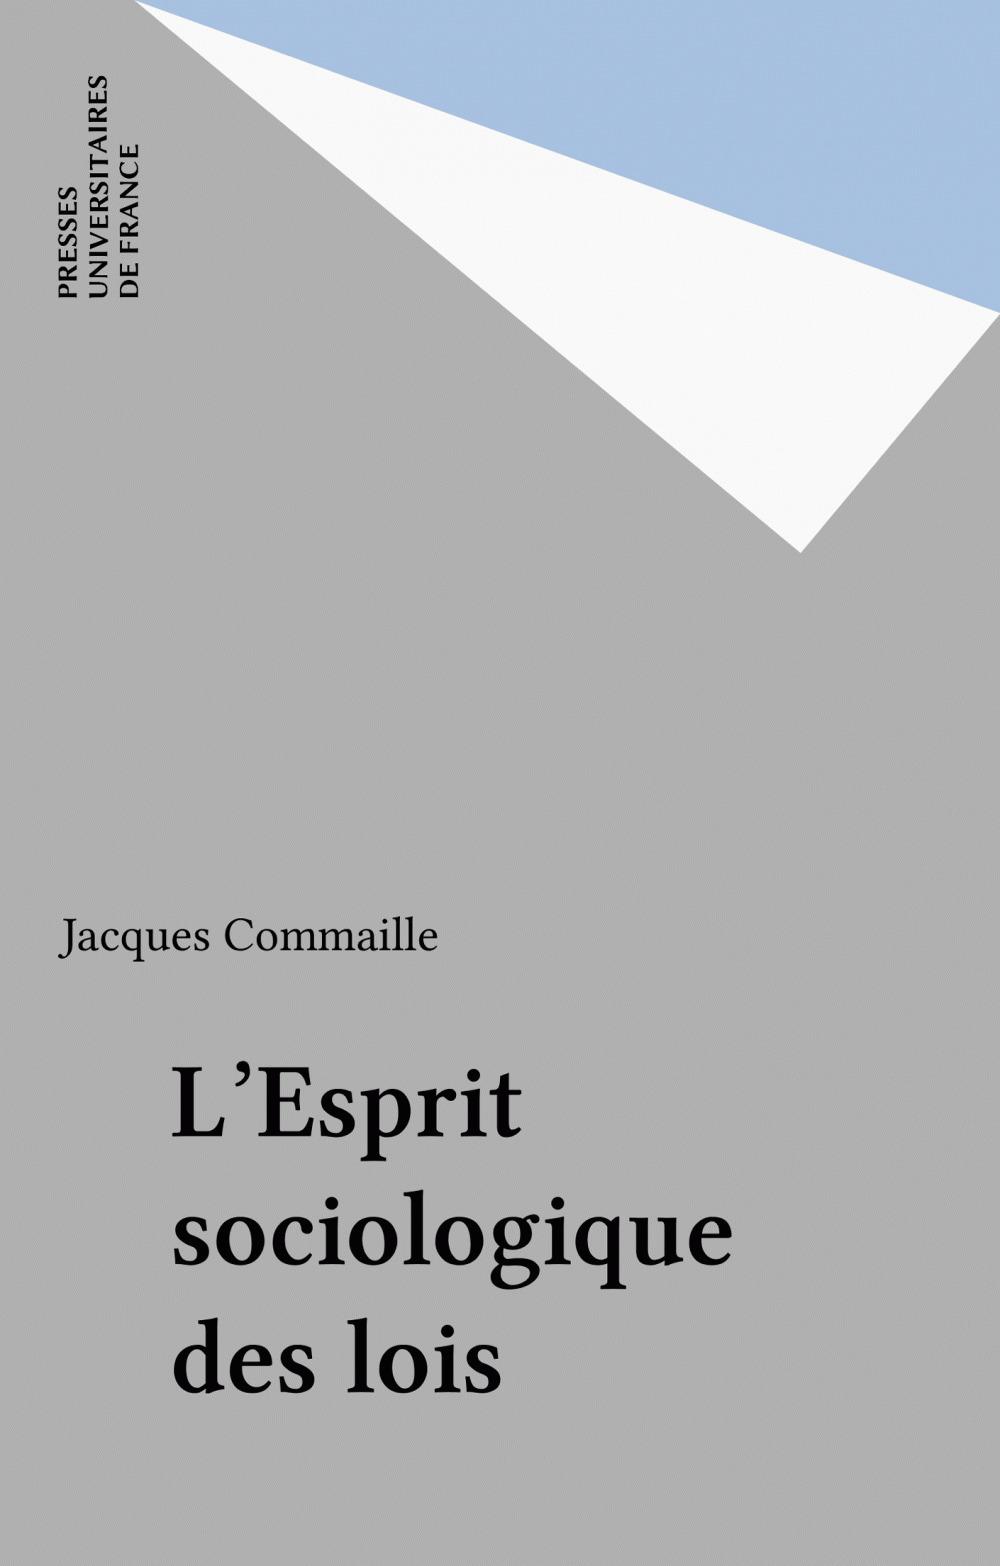 L'Esprit sociologique des lois